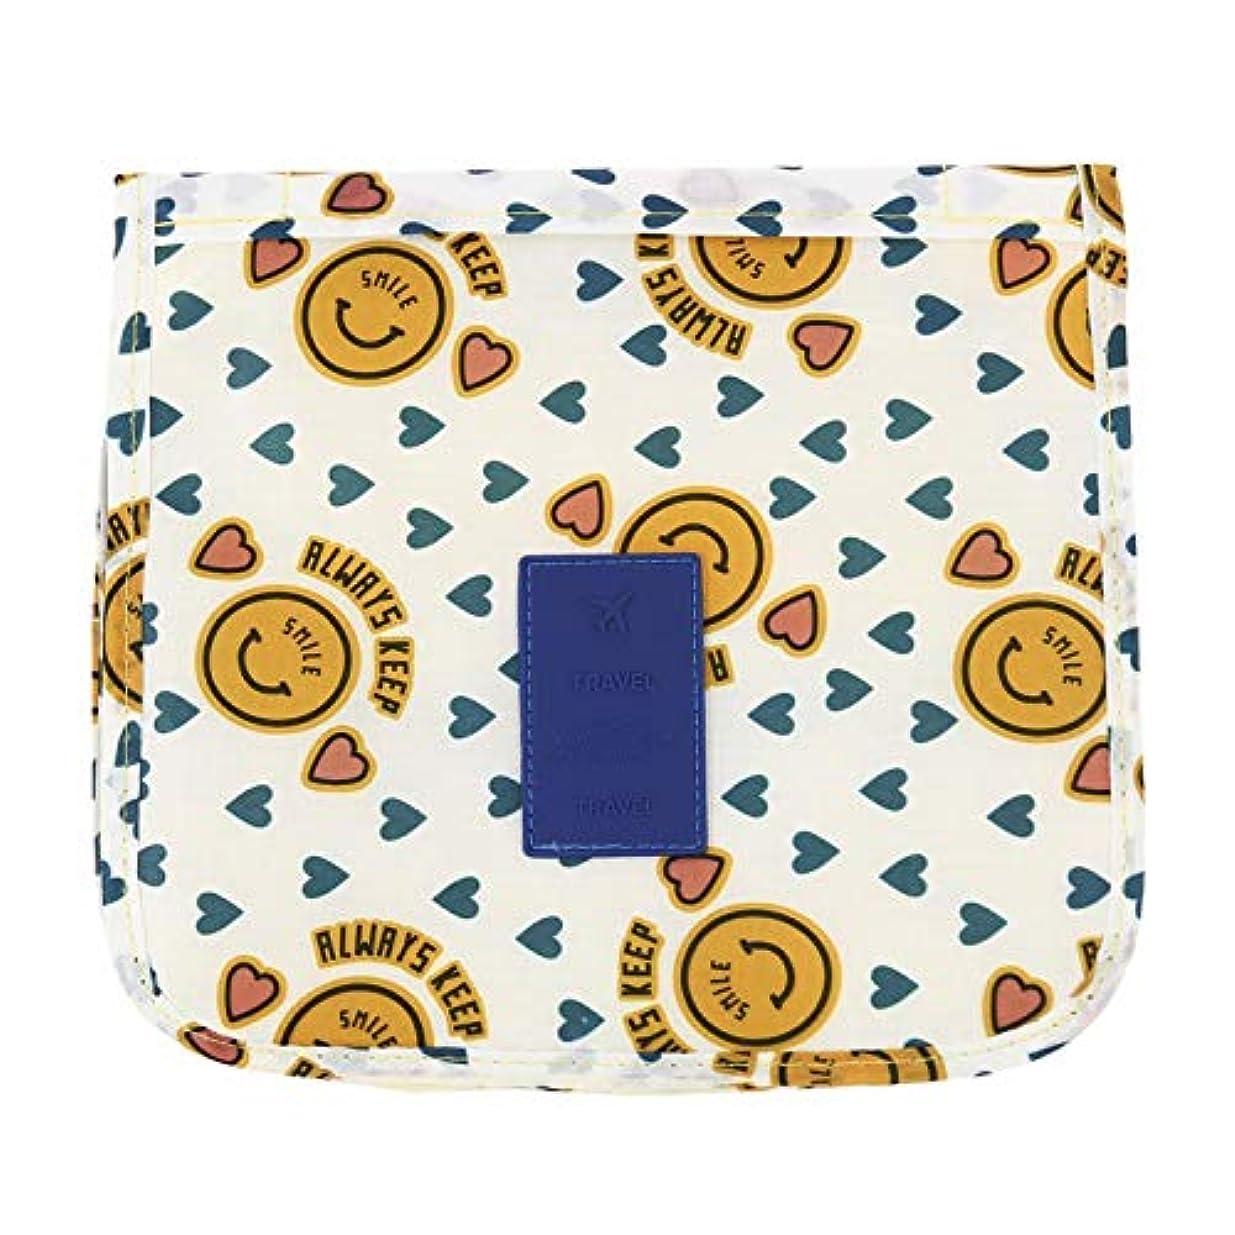 余暇薬局レベルWadachikis 例外的な女性ジッパーハンギング防水旅行トイレタリーの洗浄化粧品オーガナイザーバッグバッグ(None Picture Color)